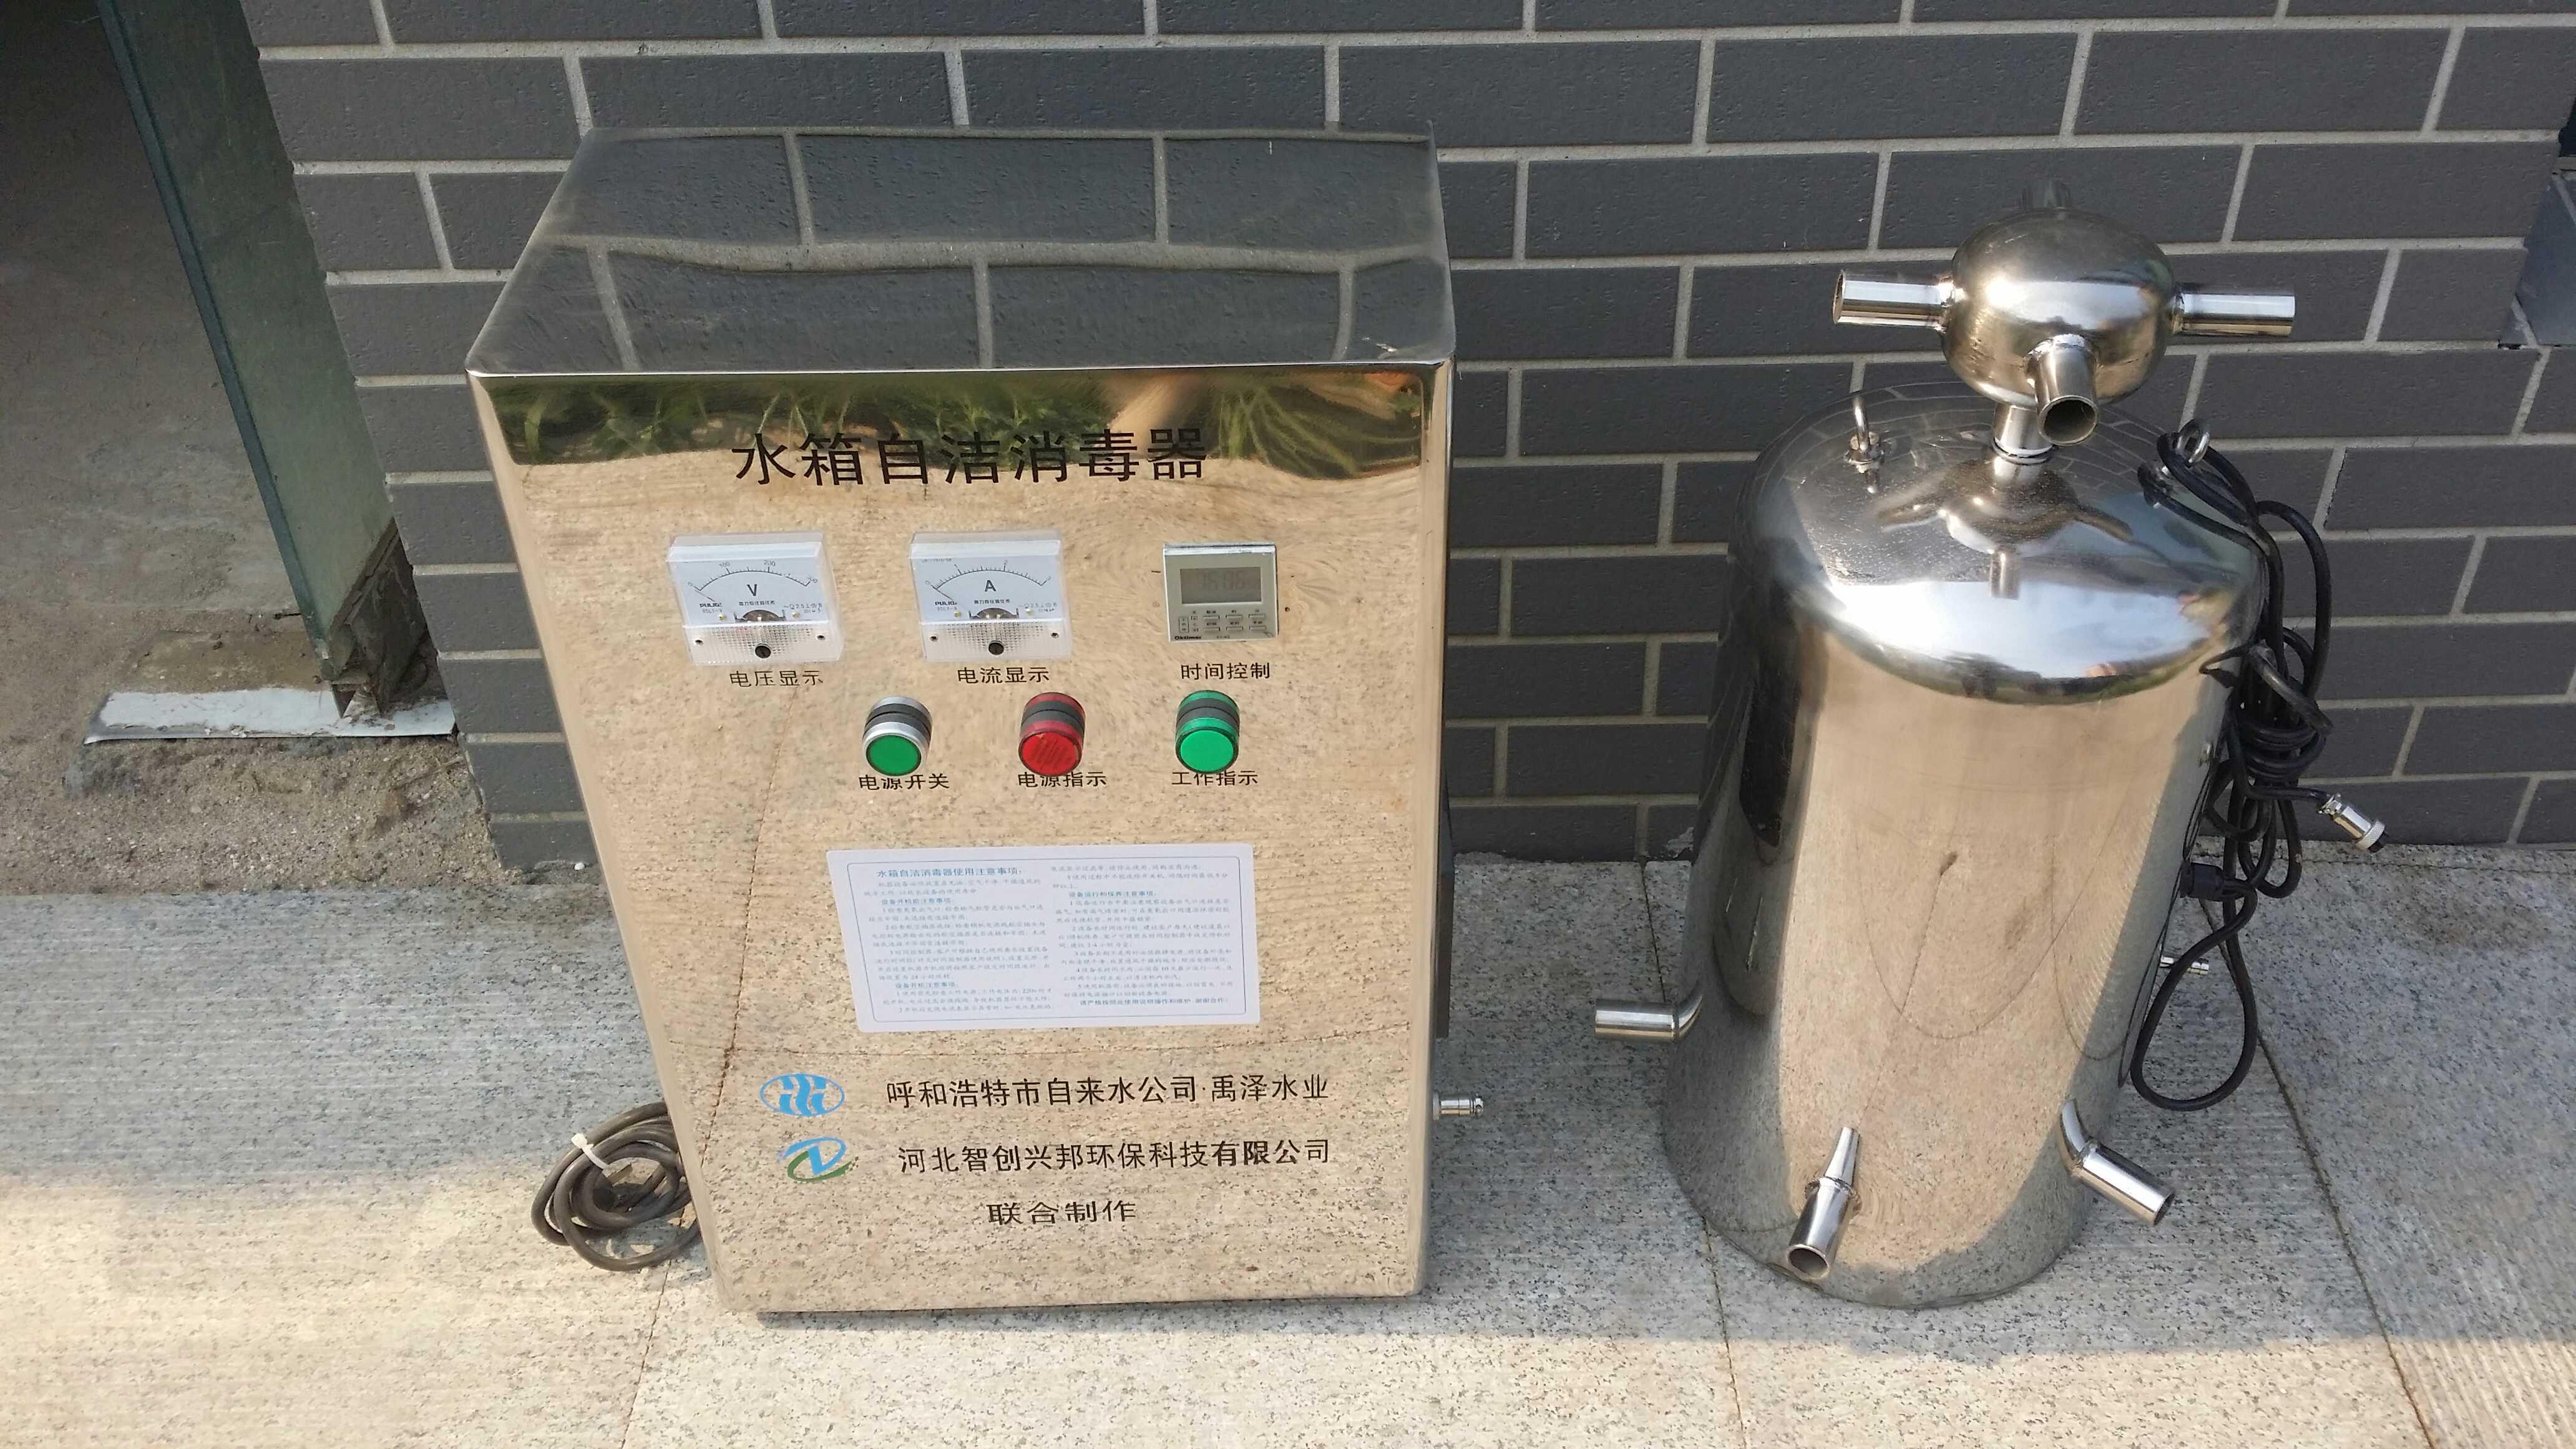 石家庄水箱自洁消毒器-紫外线消毒器